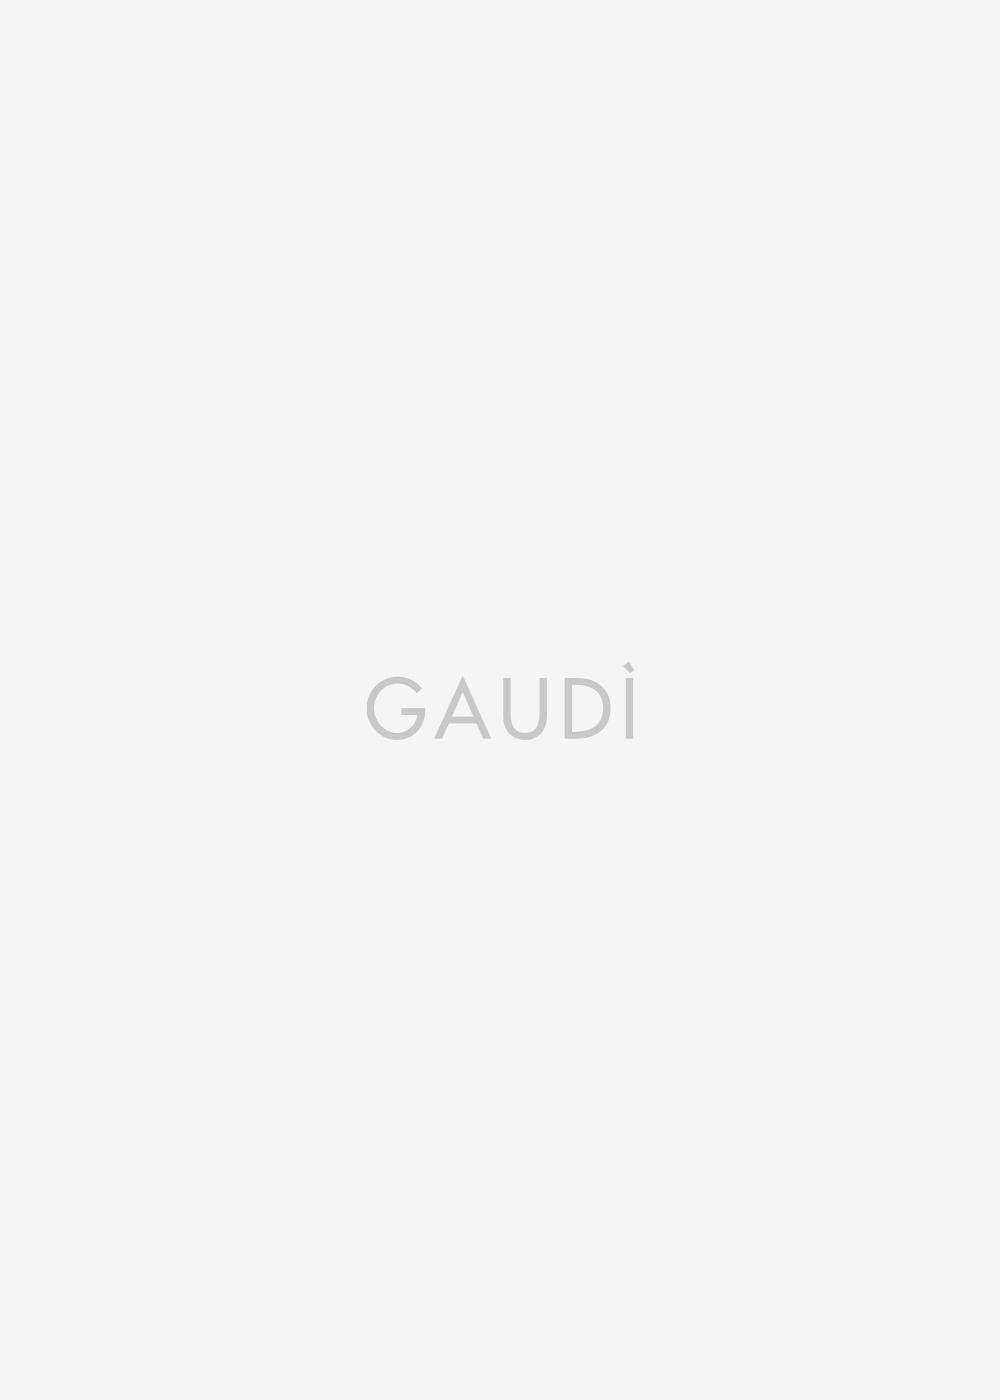 414a9a419452 Abbigliamento donna online casual ed elegante S S 2019